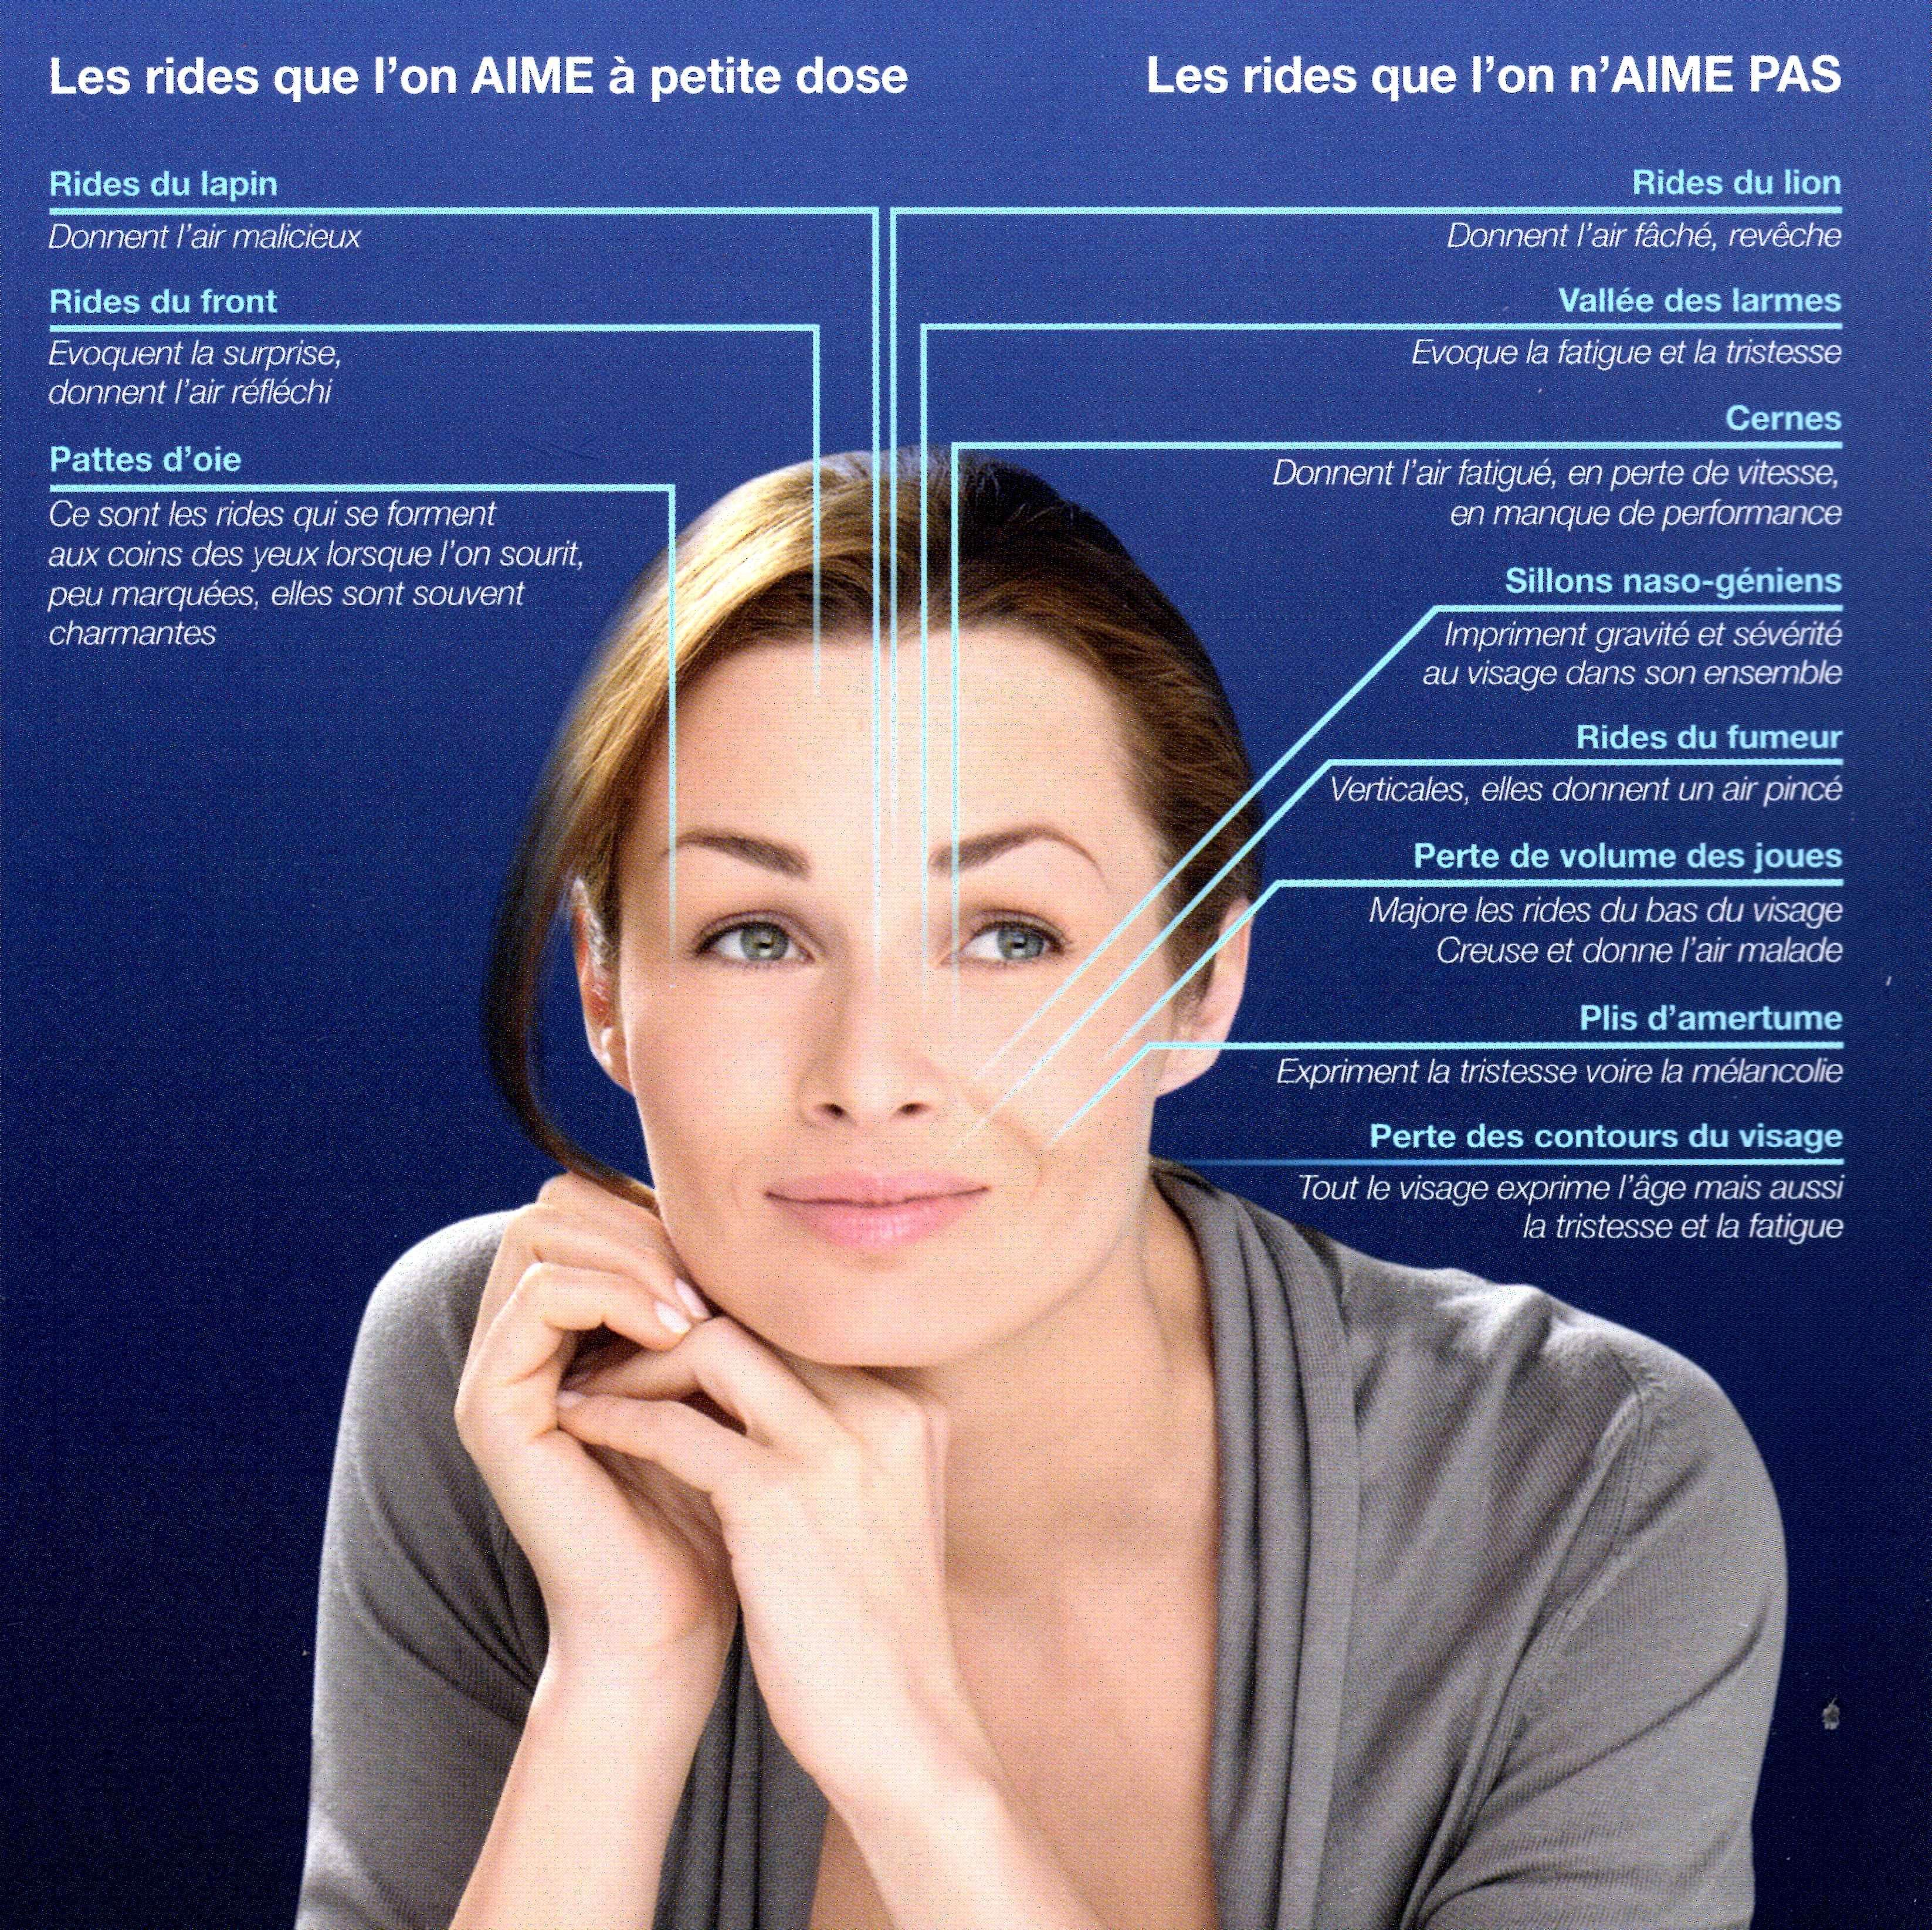 rides du visage traiter par les injections de botox ou d 39 acide hyaluronique facss. Black Bedroom Furniture Sets. Home Design Ideas